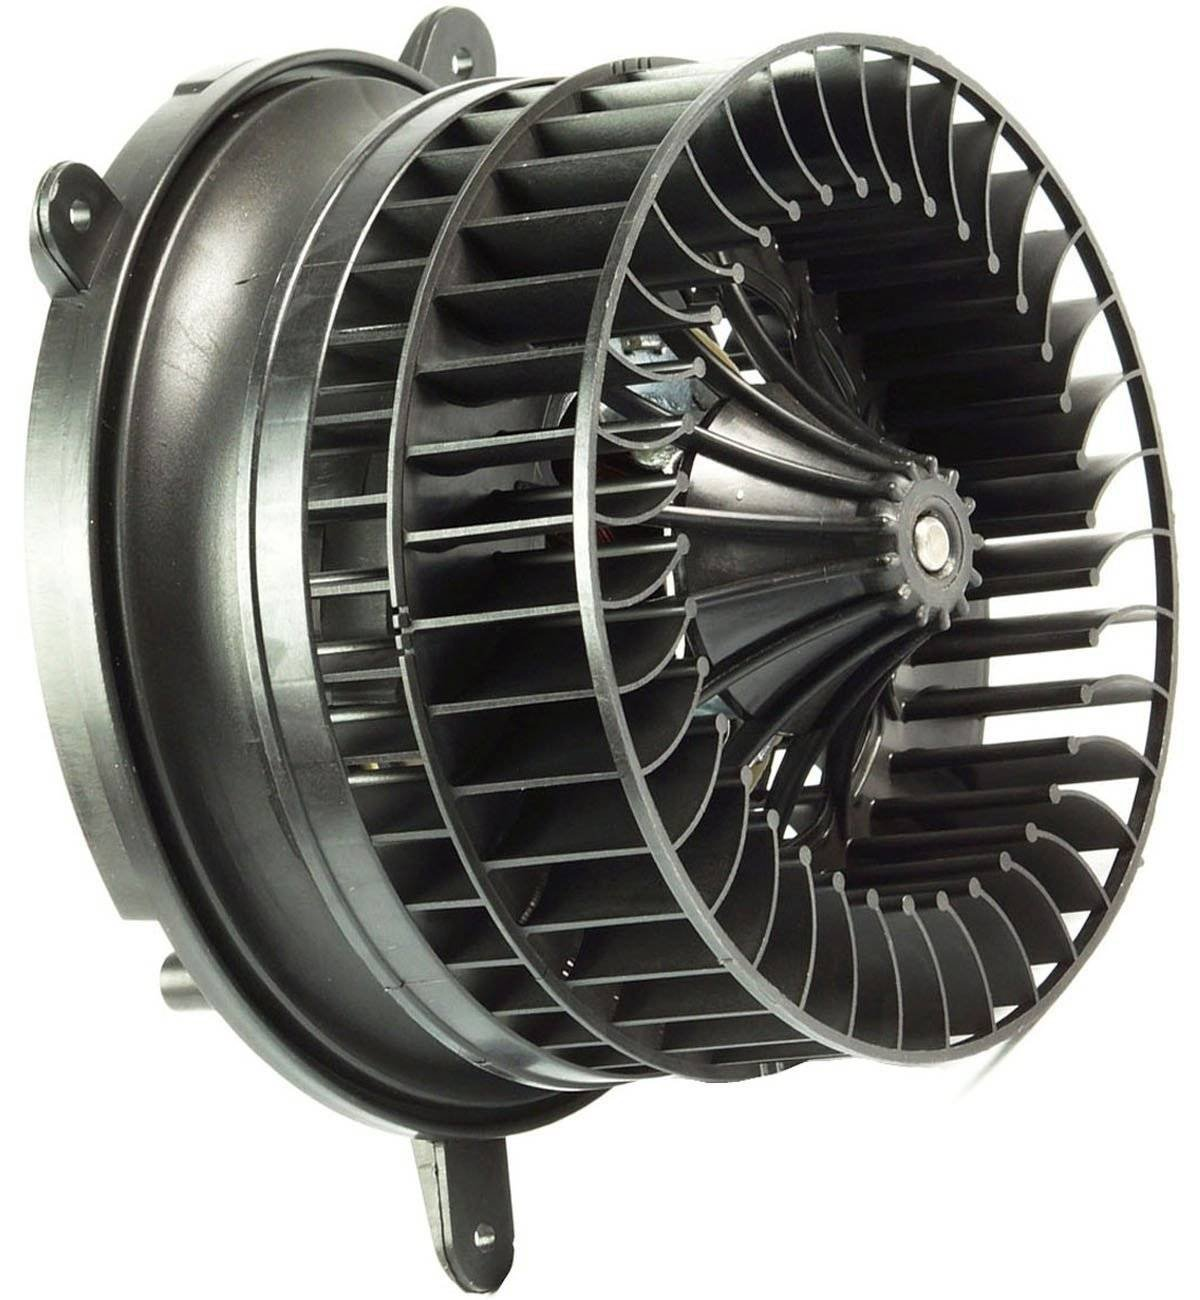 Topaz A2028209342 Ventola Riscaldamento Ventilatore Interno per C-Klass W202 S202